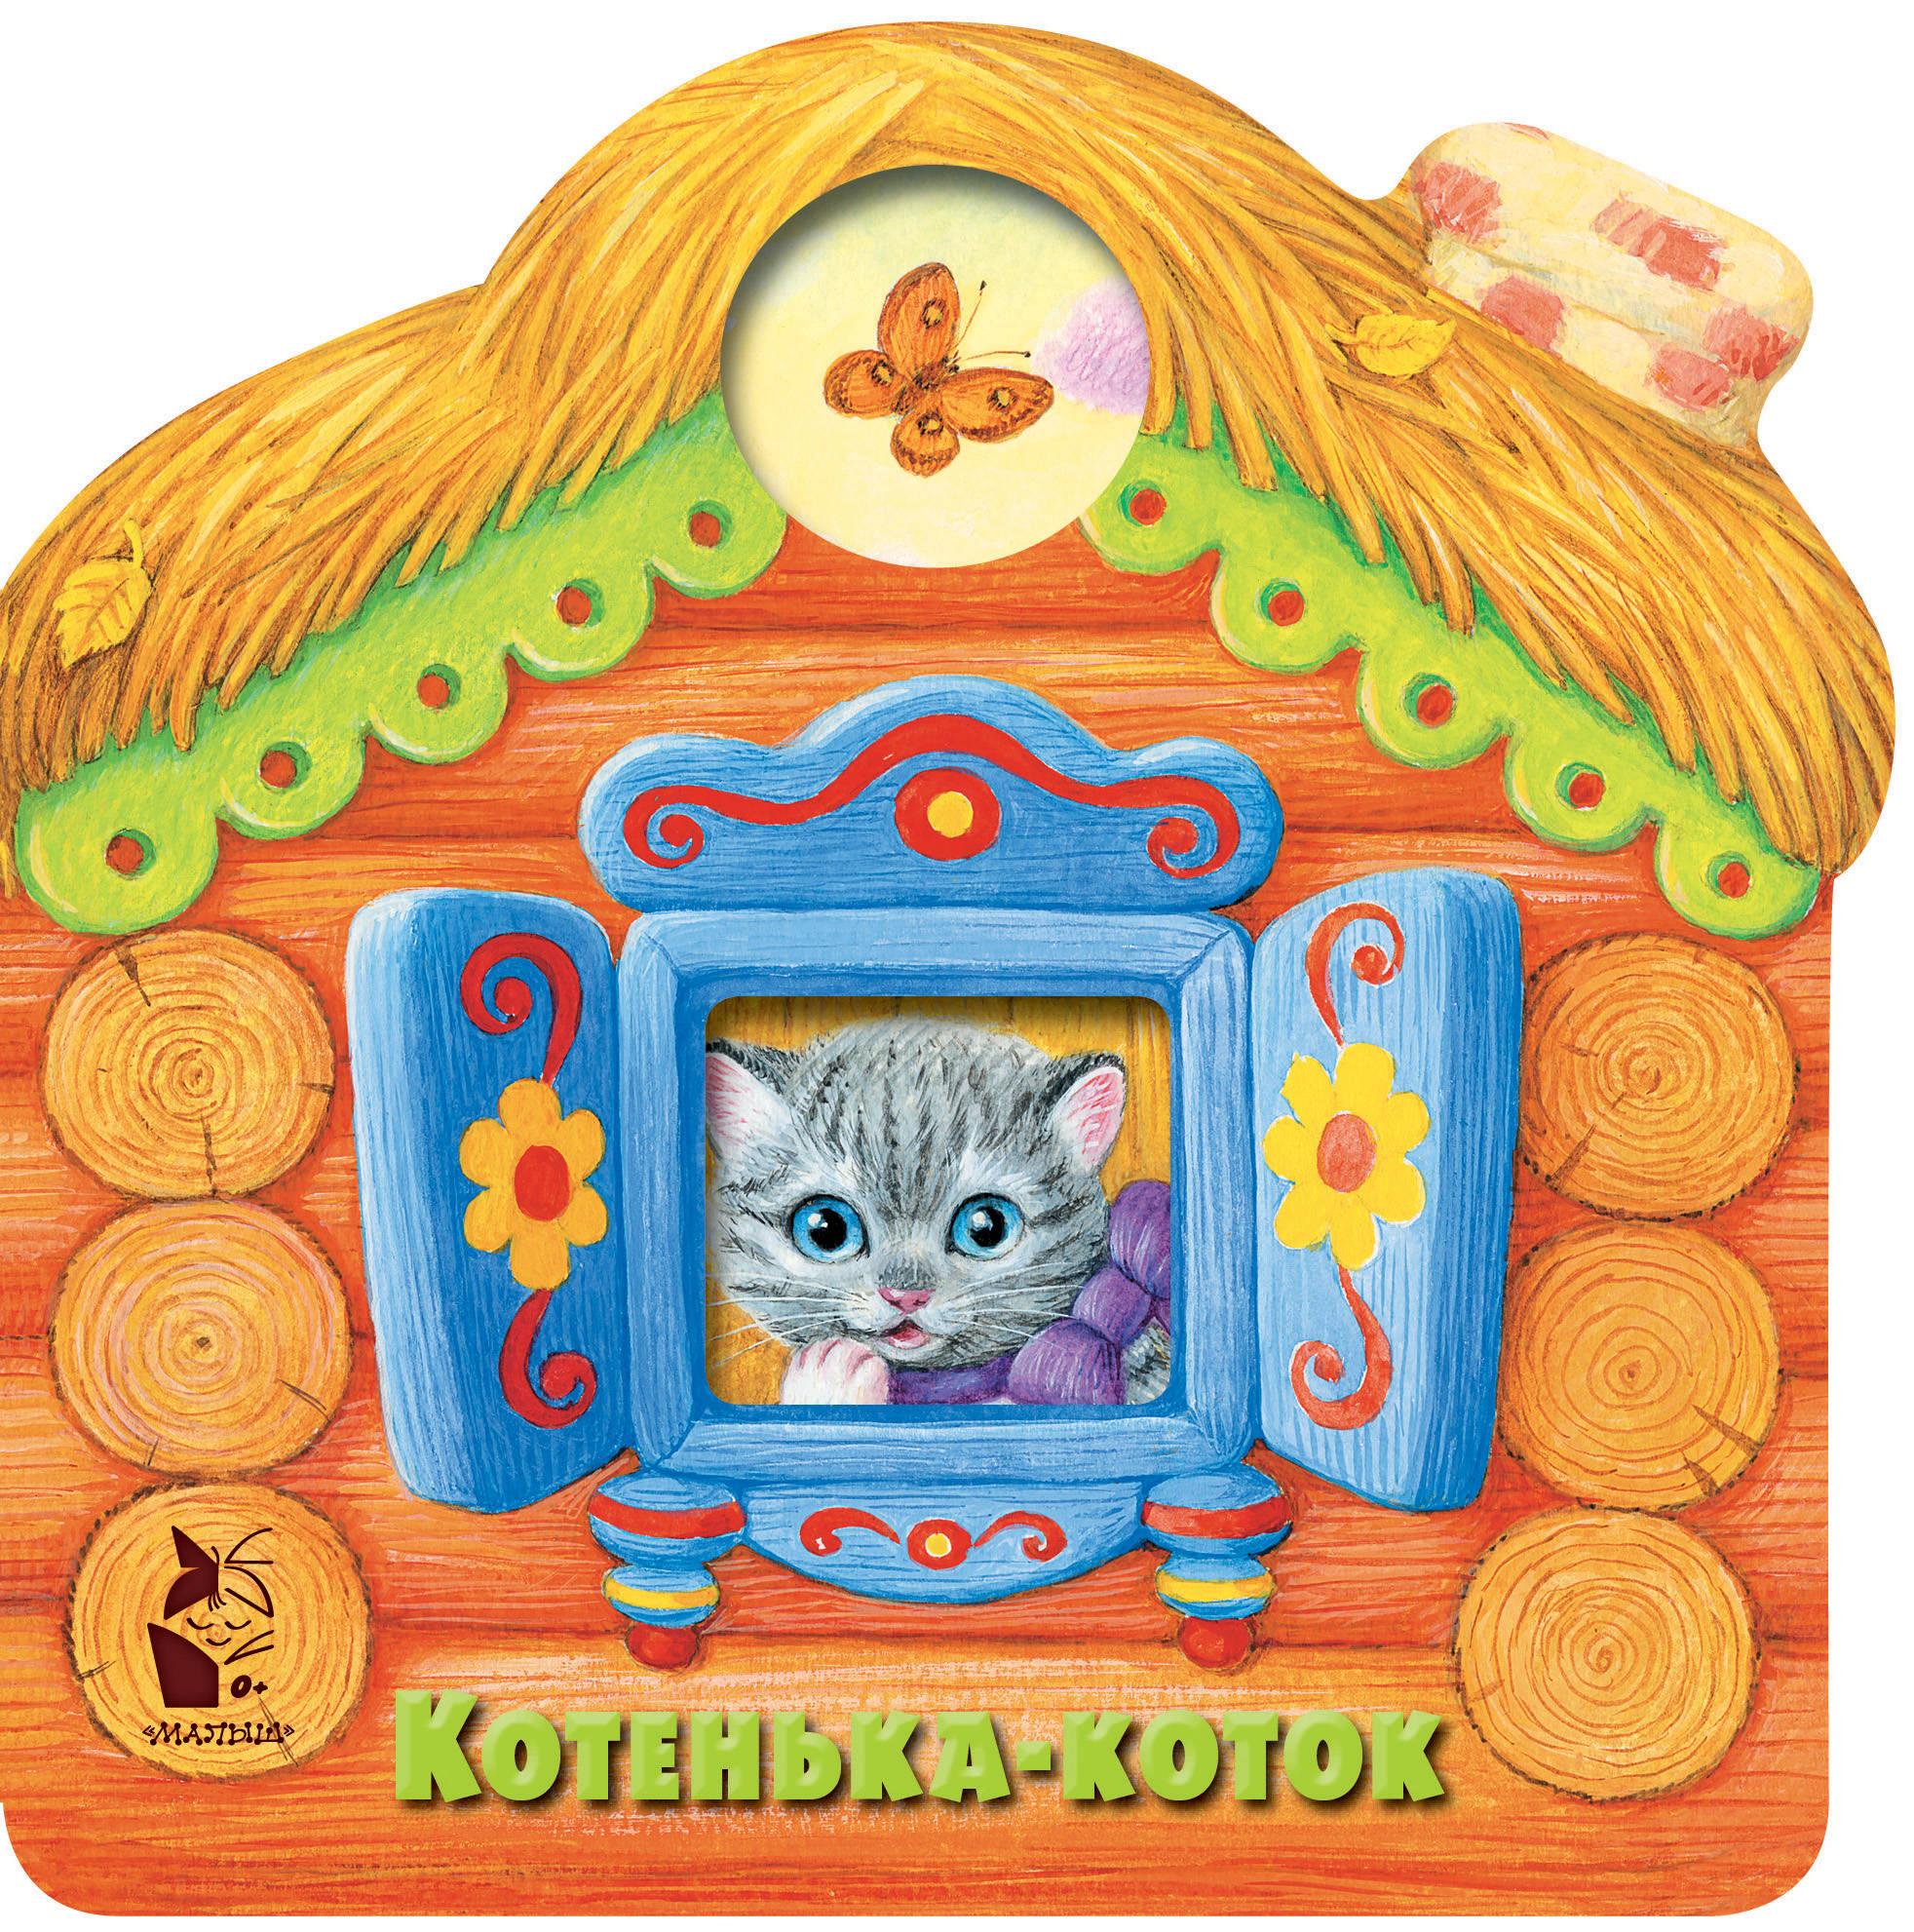 Kotenka-kotok